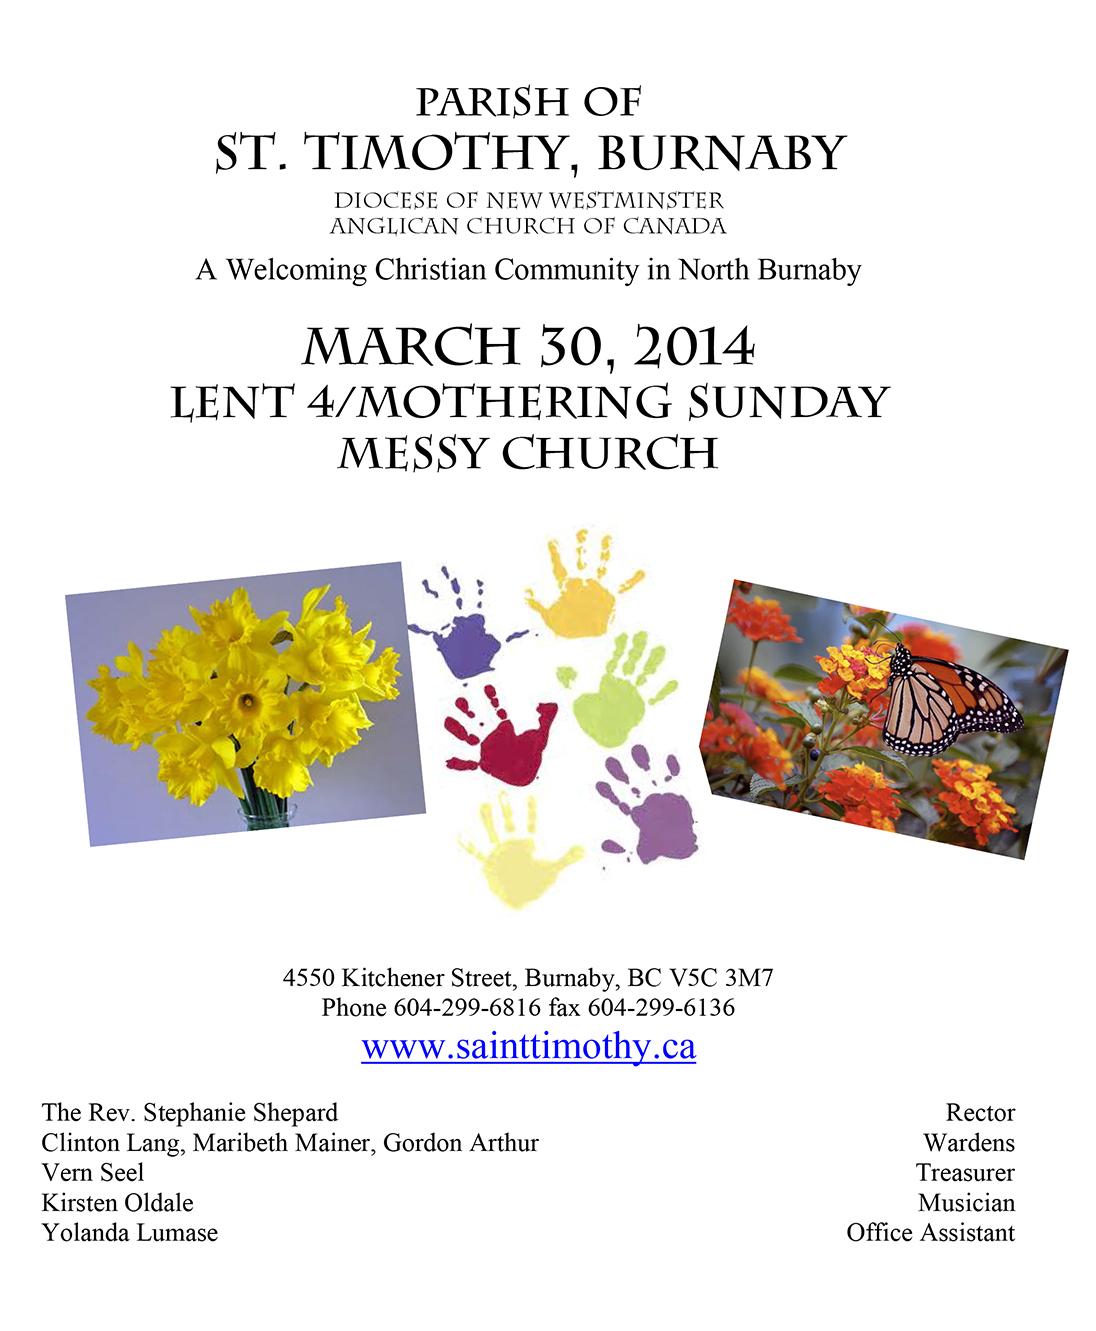 Bulletin: March 30, 2014